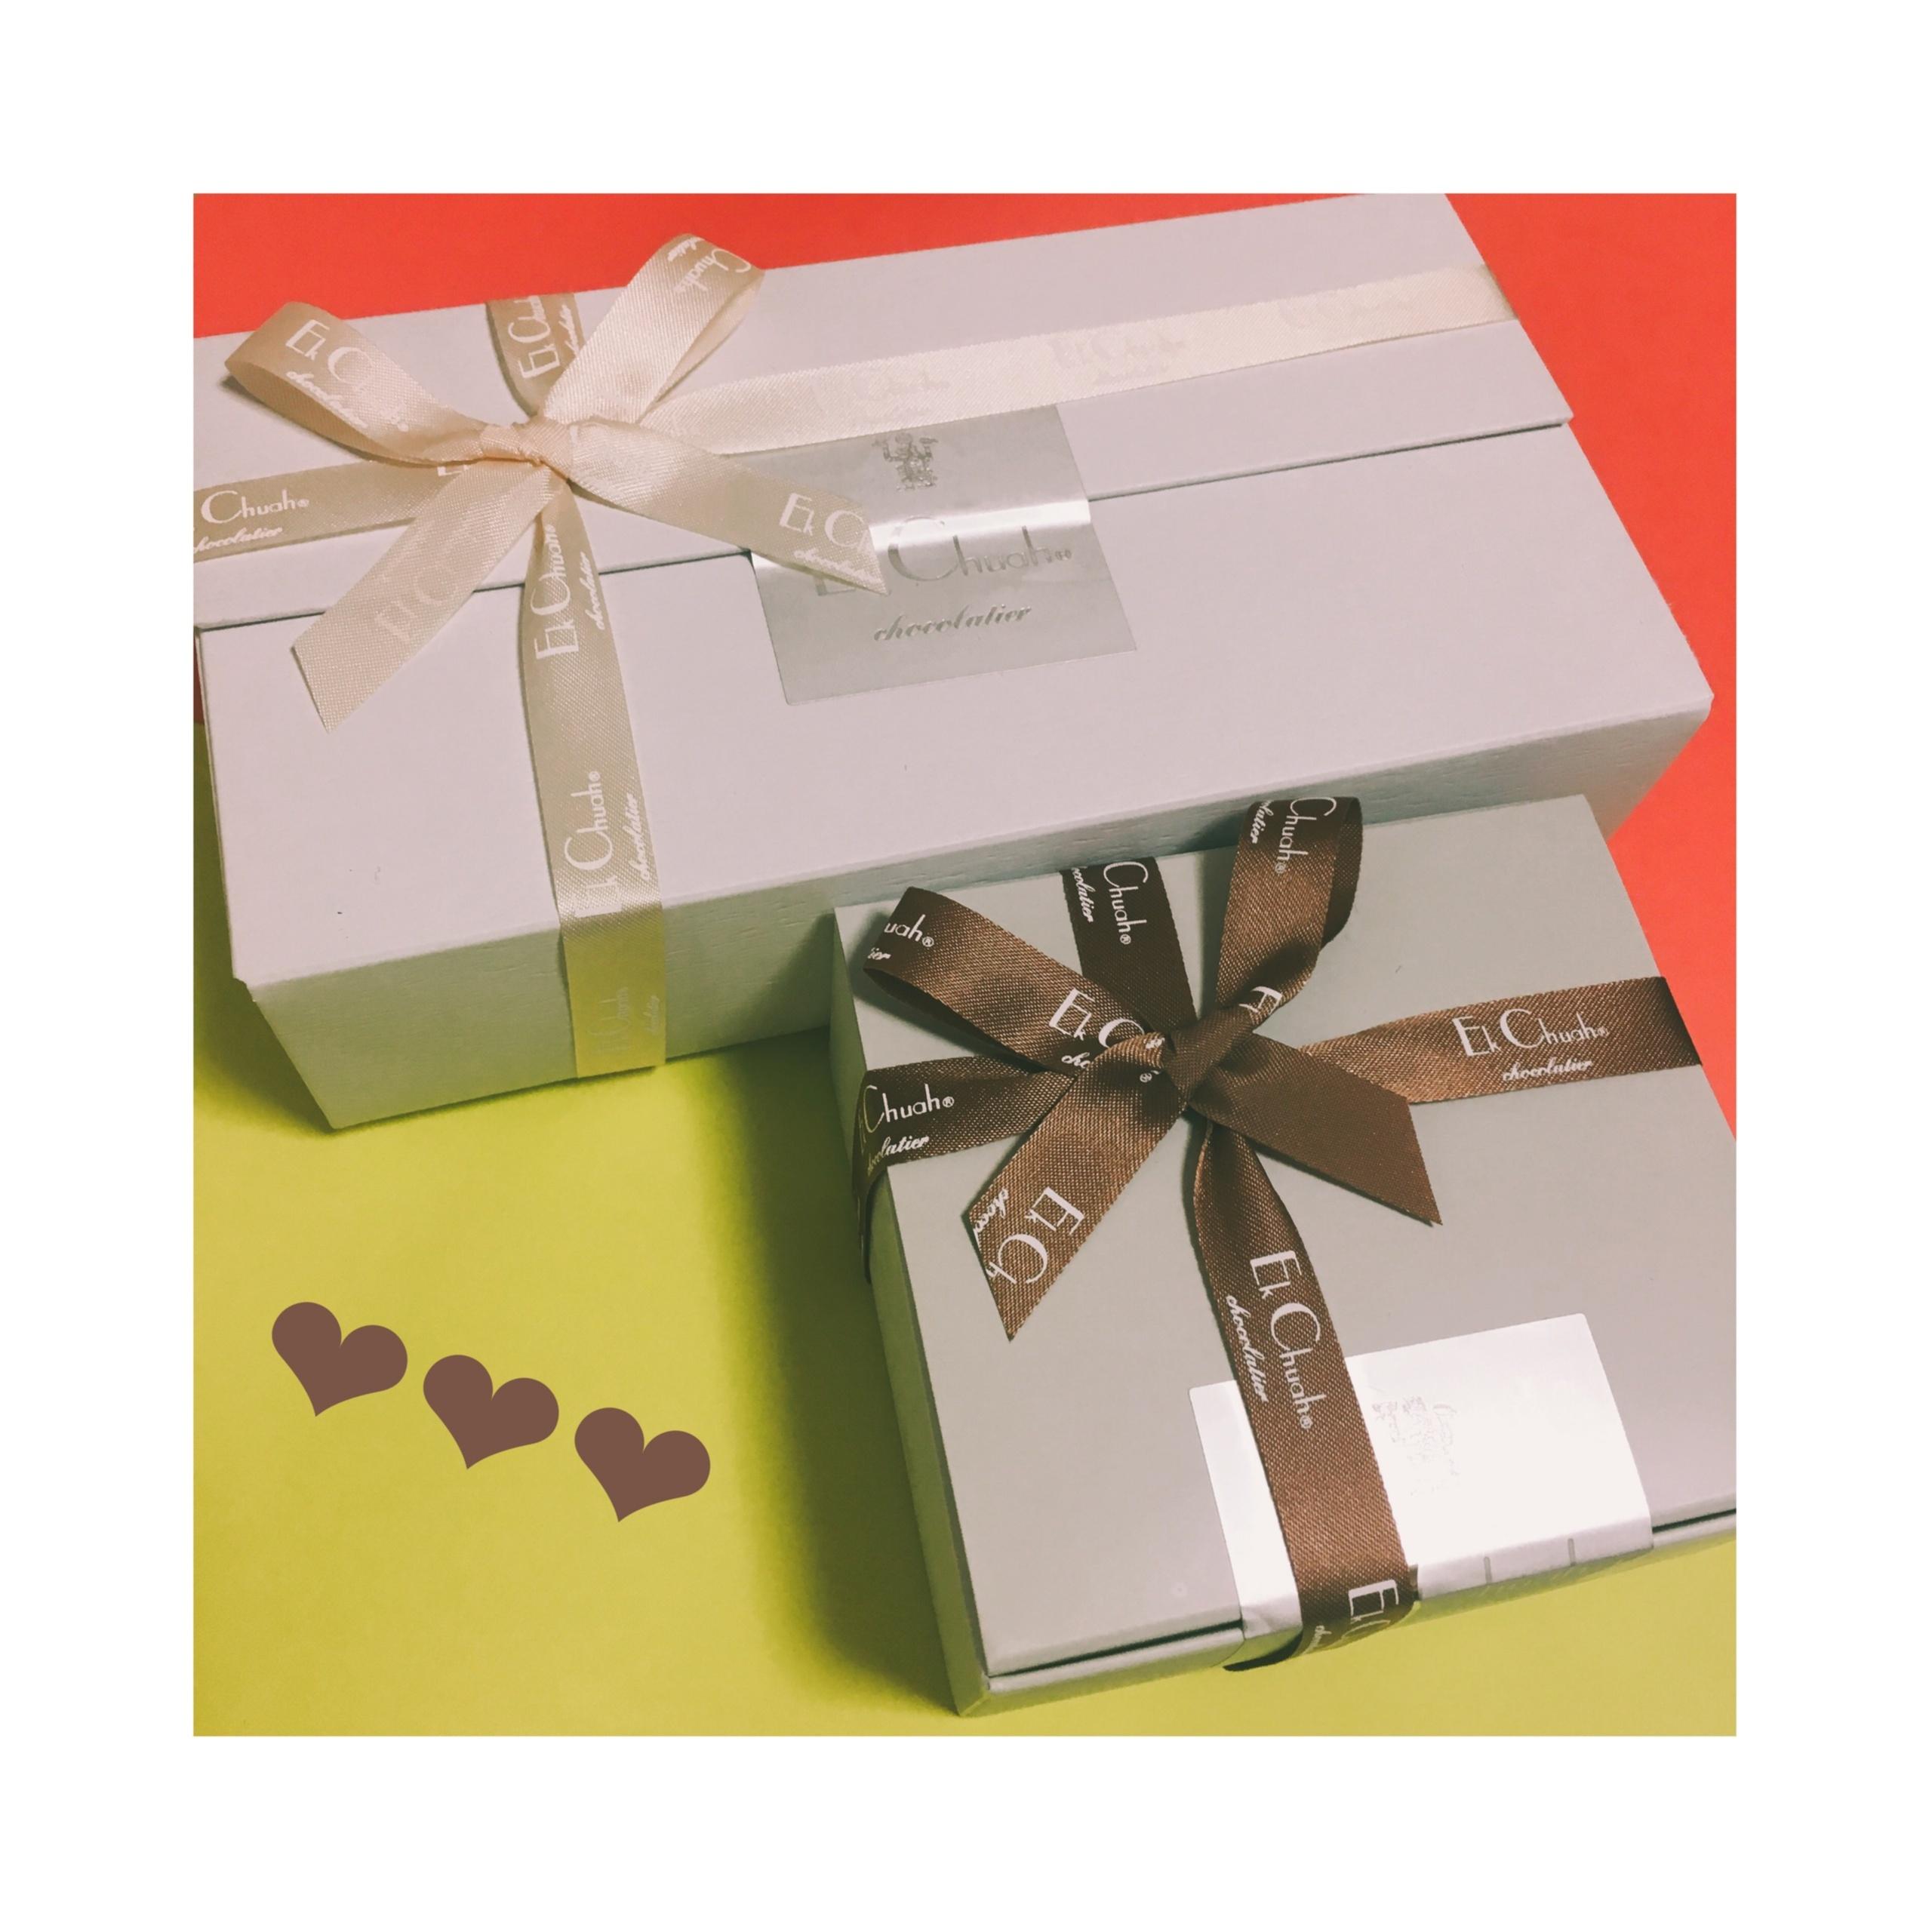 《ご当地MORE★》【ツウな手土産を買うならここ!】大阪で訪れたいチョコレート専門店❤️_4